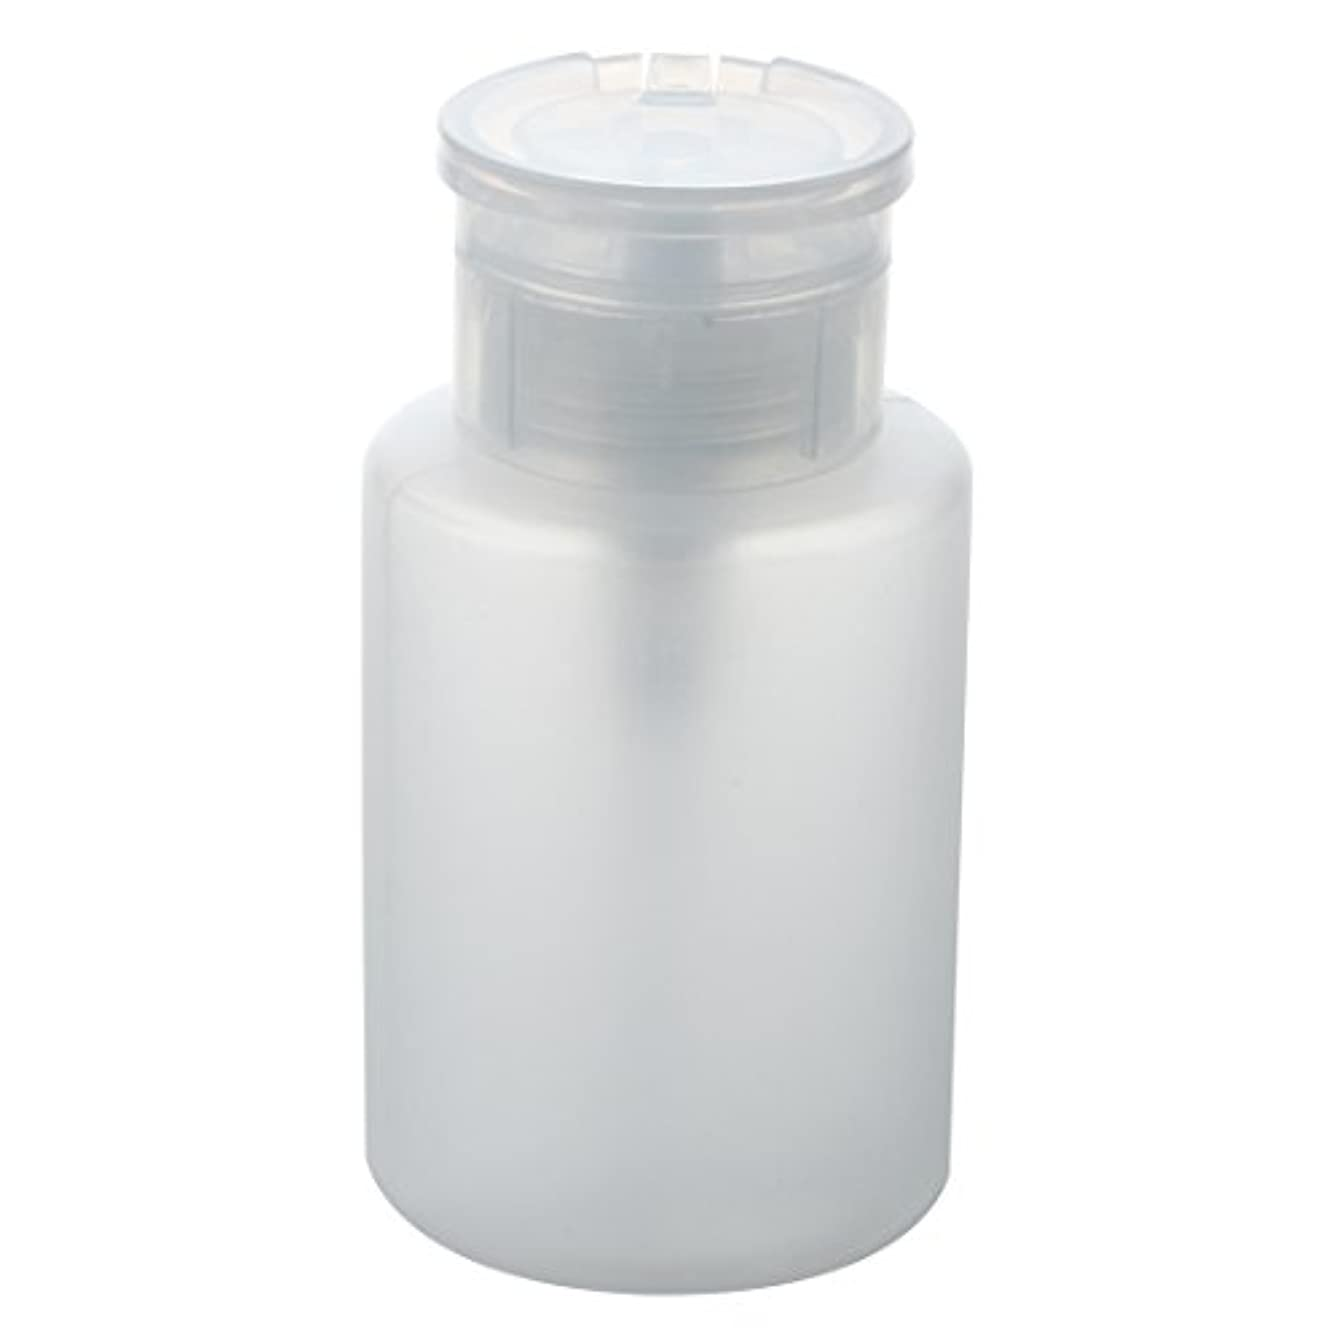 ヤング飛躍しゃがむACAMPTAR プラスチックボトル用ディスペンサー150ml液体オイル用マニキュアリムーバー